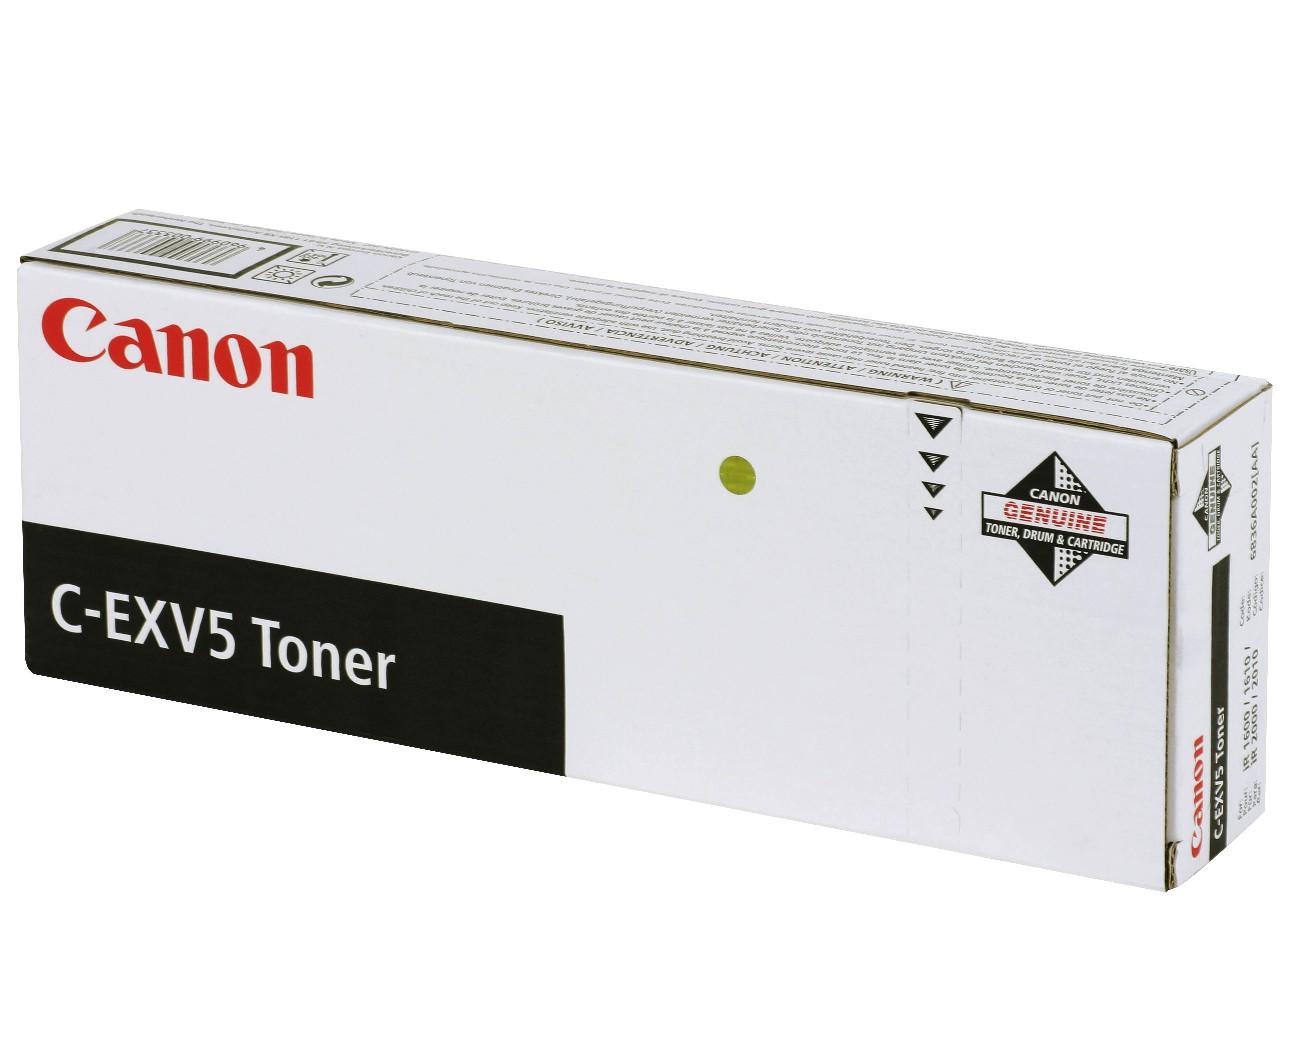 Canon toner IR-16xx, 20xx (C-EXV5)